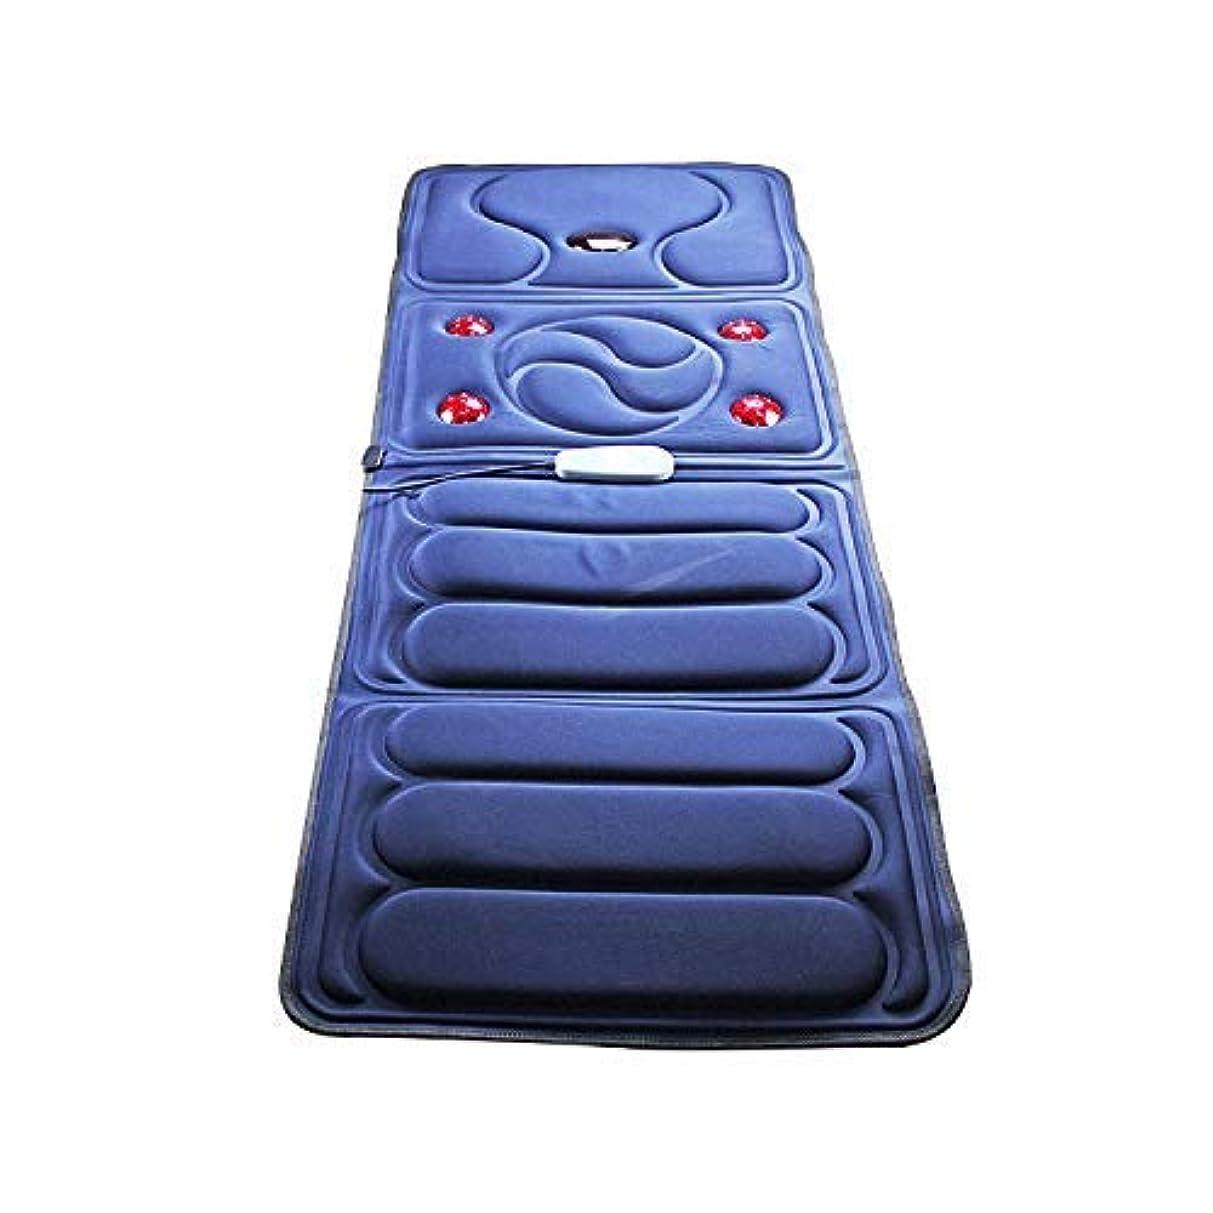 社交的マガジン遷移折り畳み式全身マッサージブランケット中高年のヘルスケアマッサージクッション多機能加熱ショックマッサージクッション家庭用マッサージ機器,ブルー